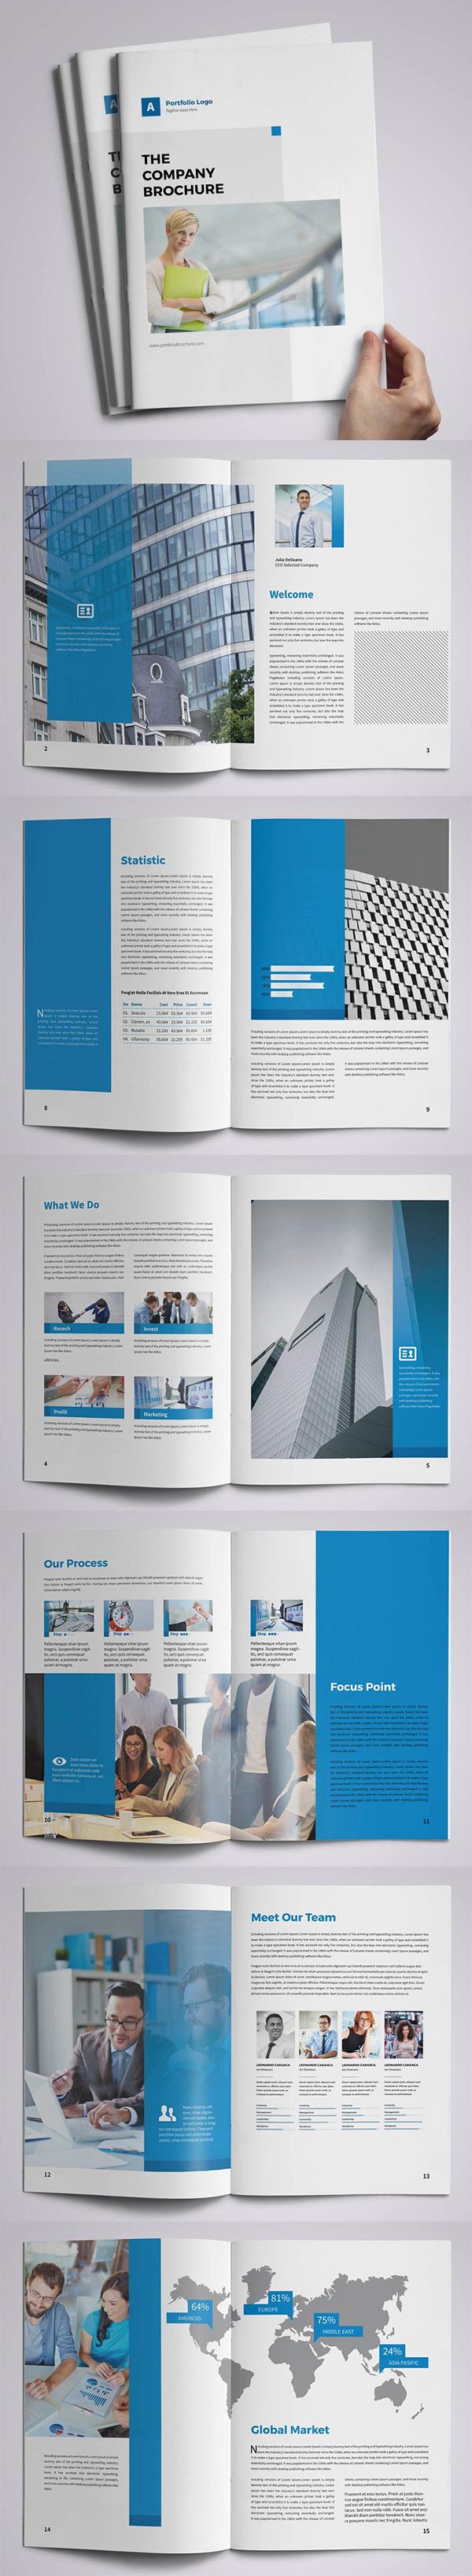 Diseño de plantilla de folleto de negocios corporativos